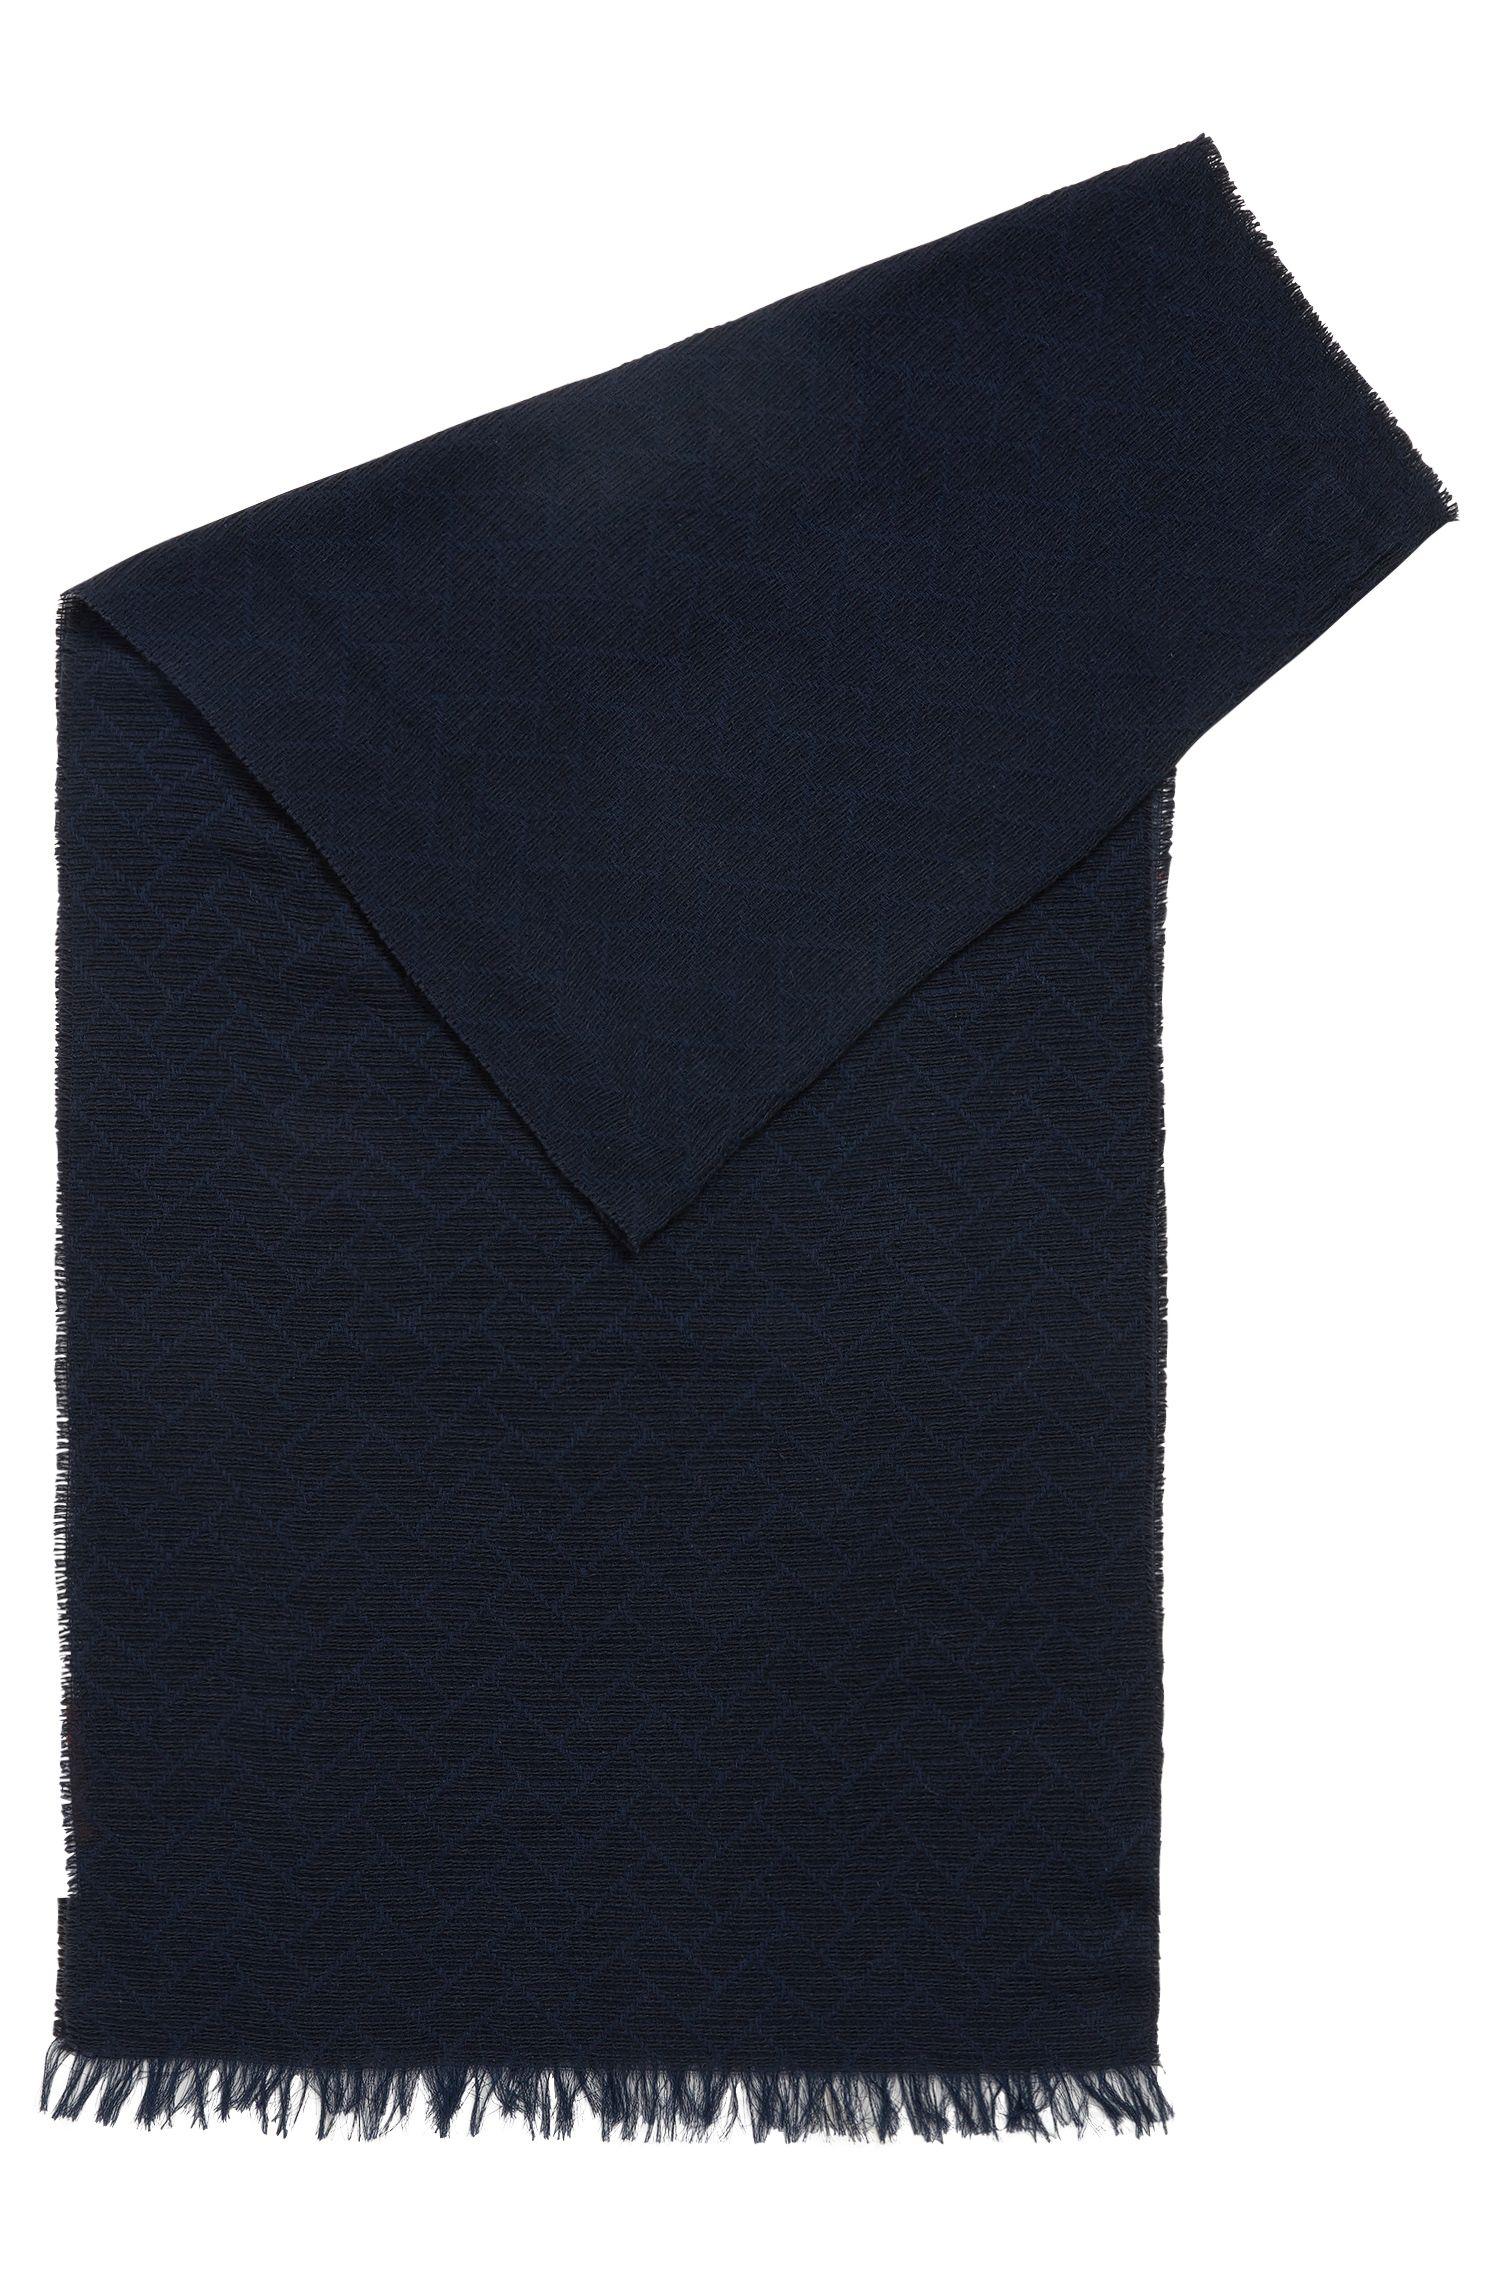 Écharpe en jacquard de coton doux, Bleu foncé